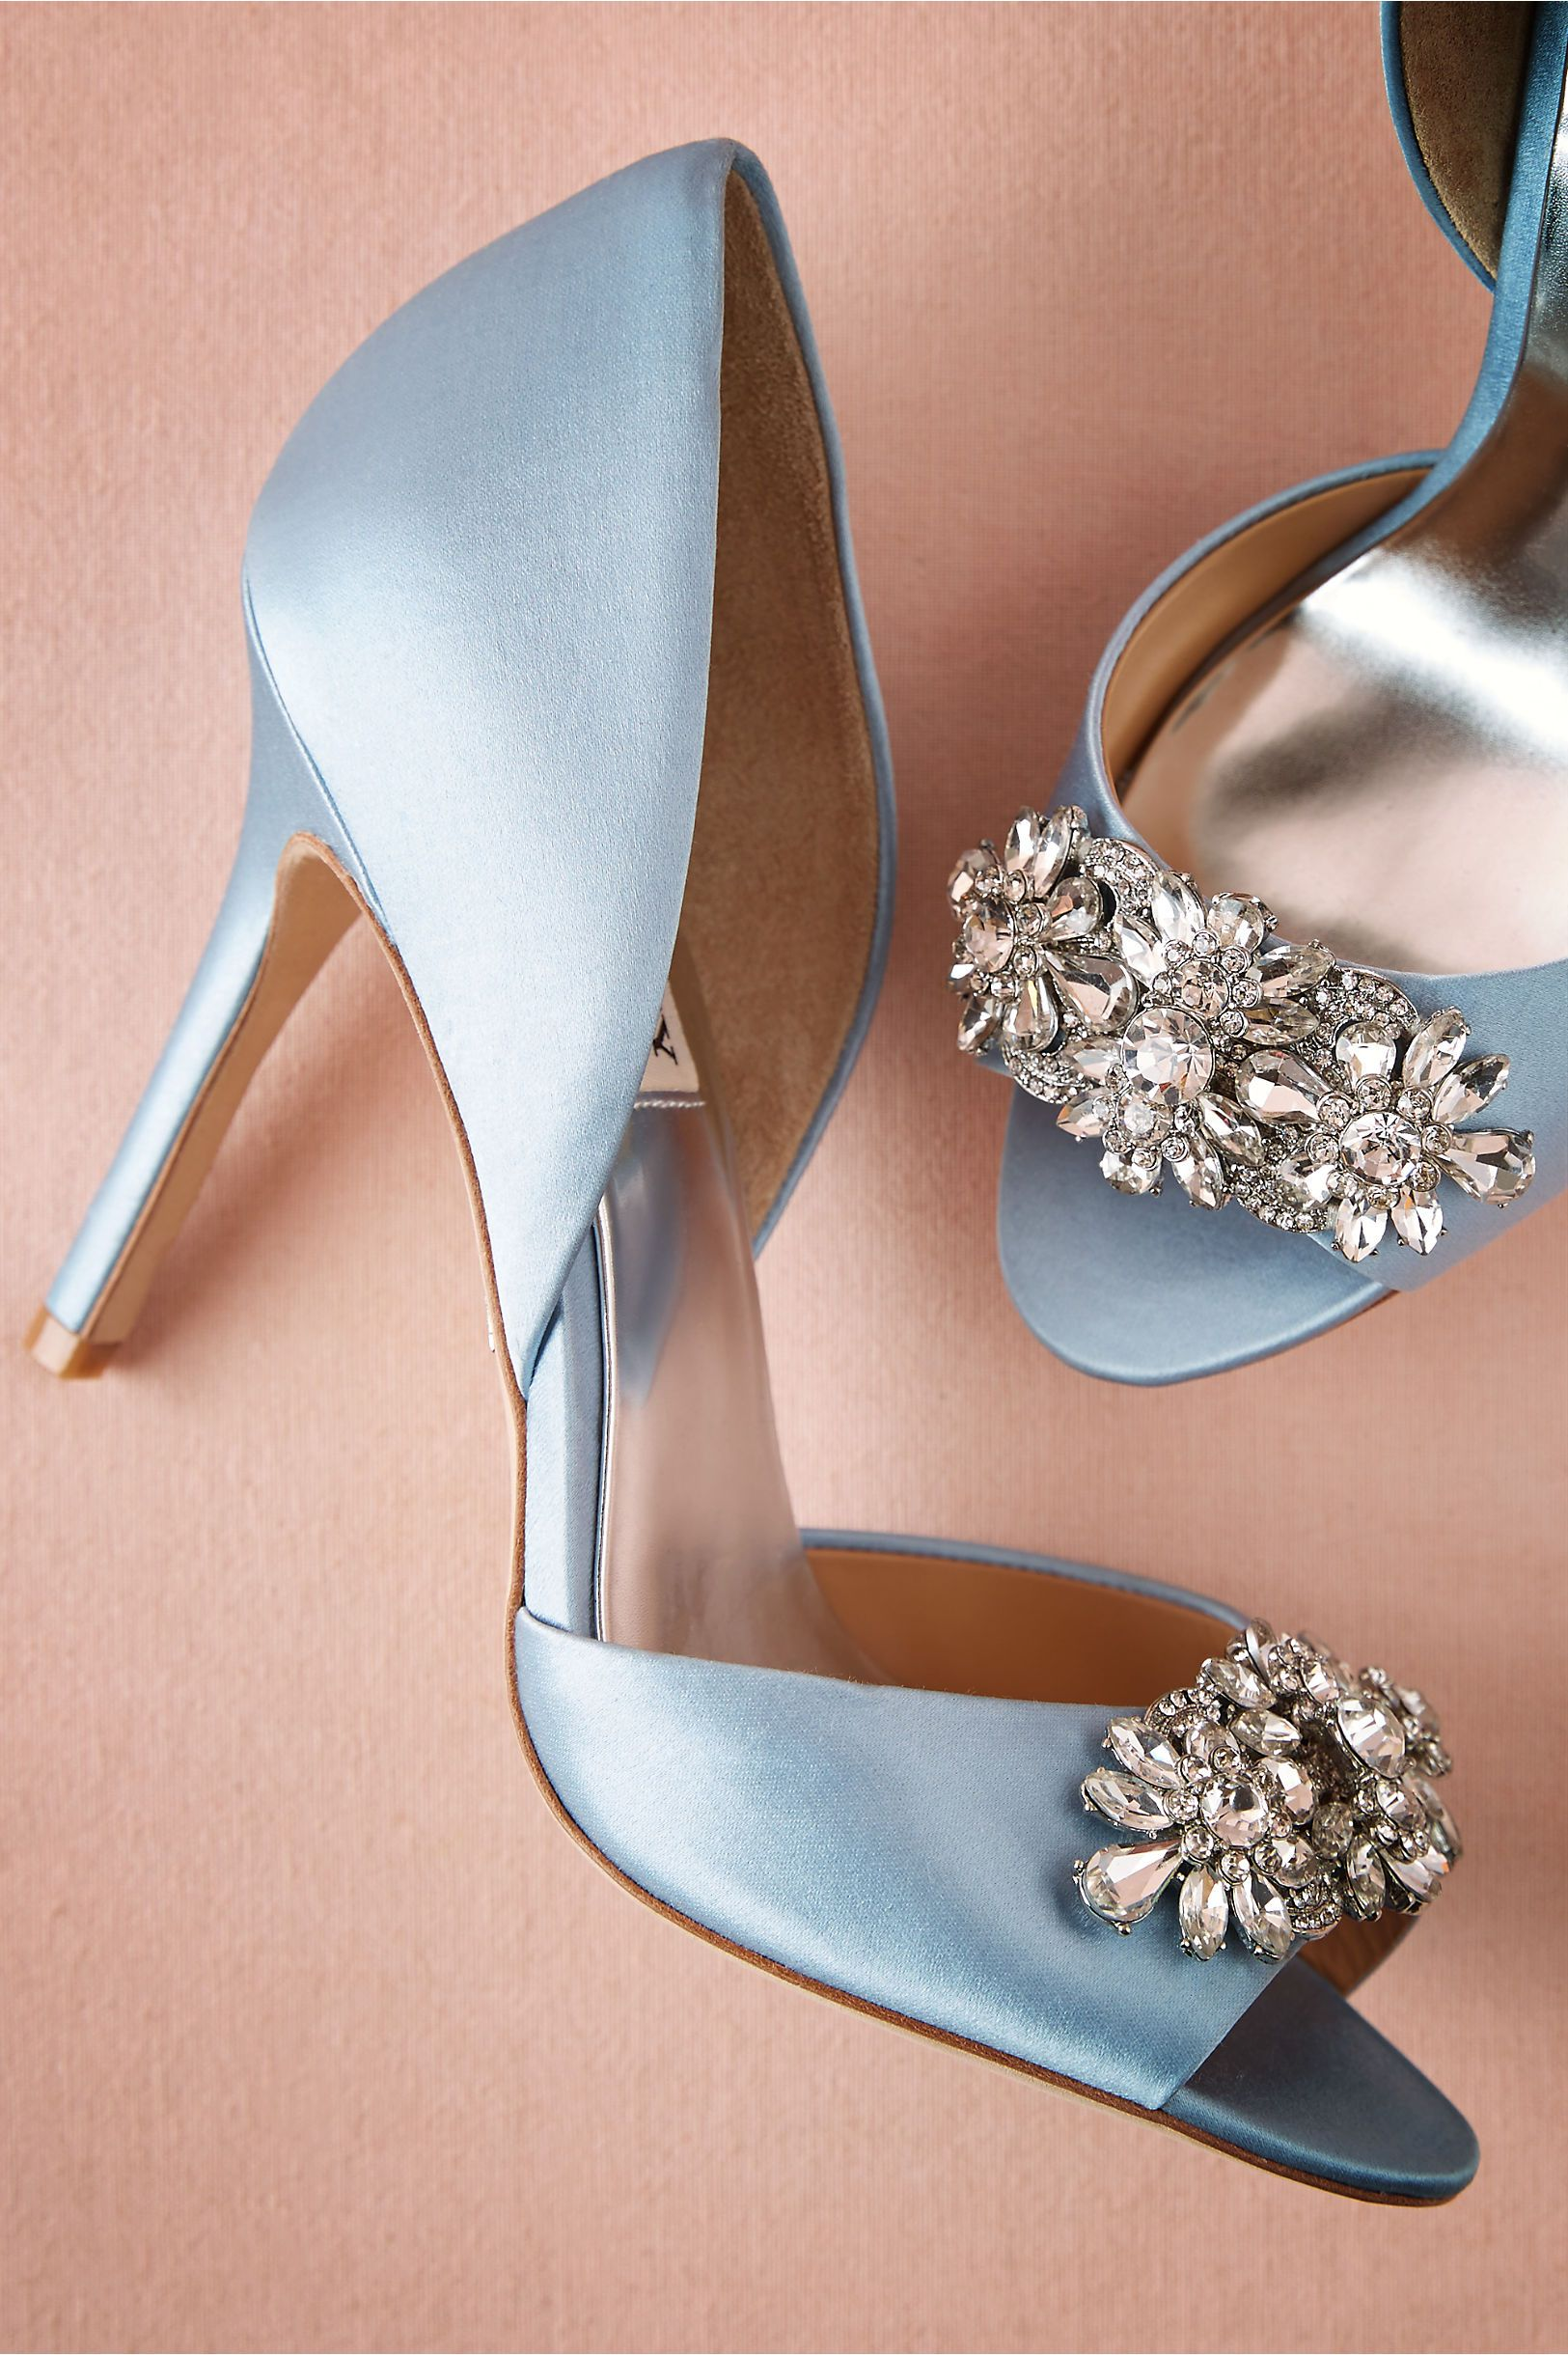 c0280ef45637 we ❤ this! moncheribridals.com  weddingshoes  bridalshoes   weddingsomethingblue